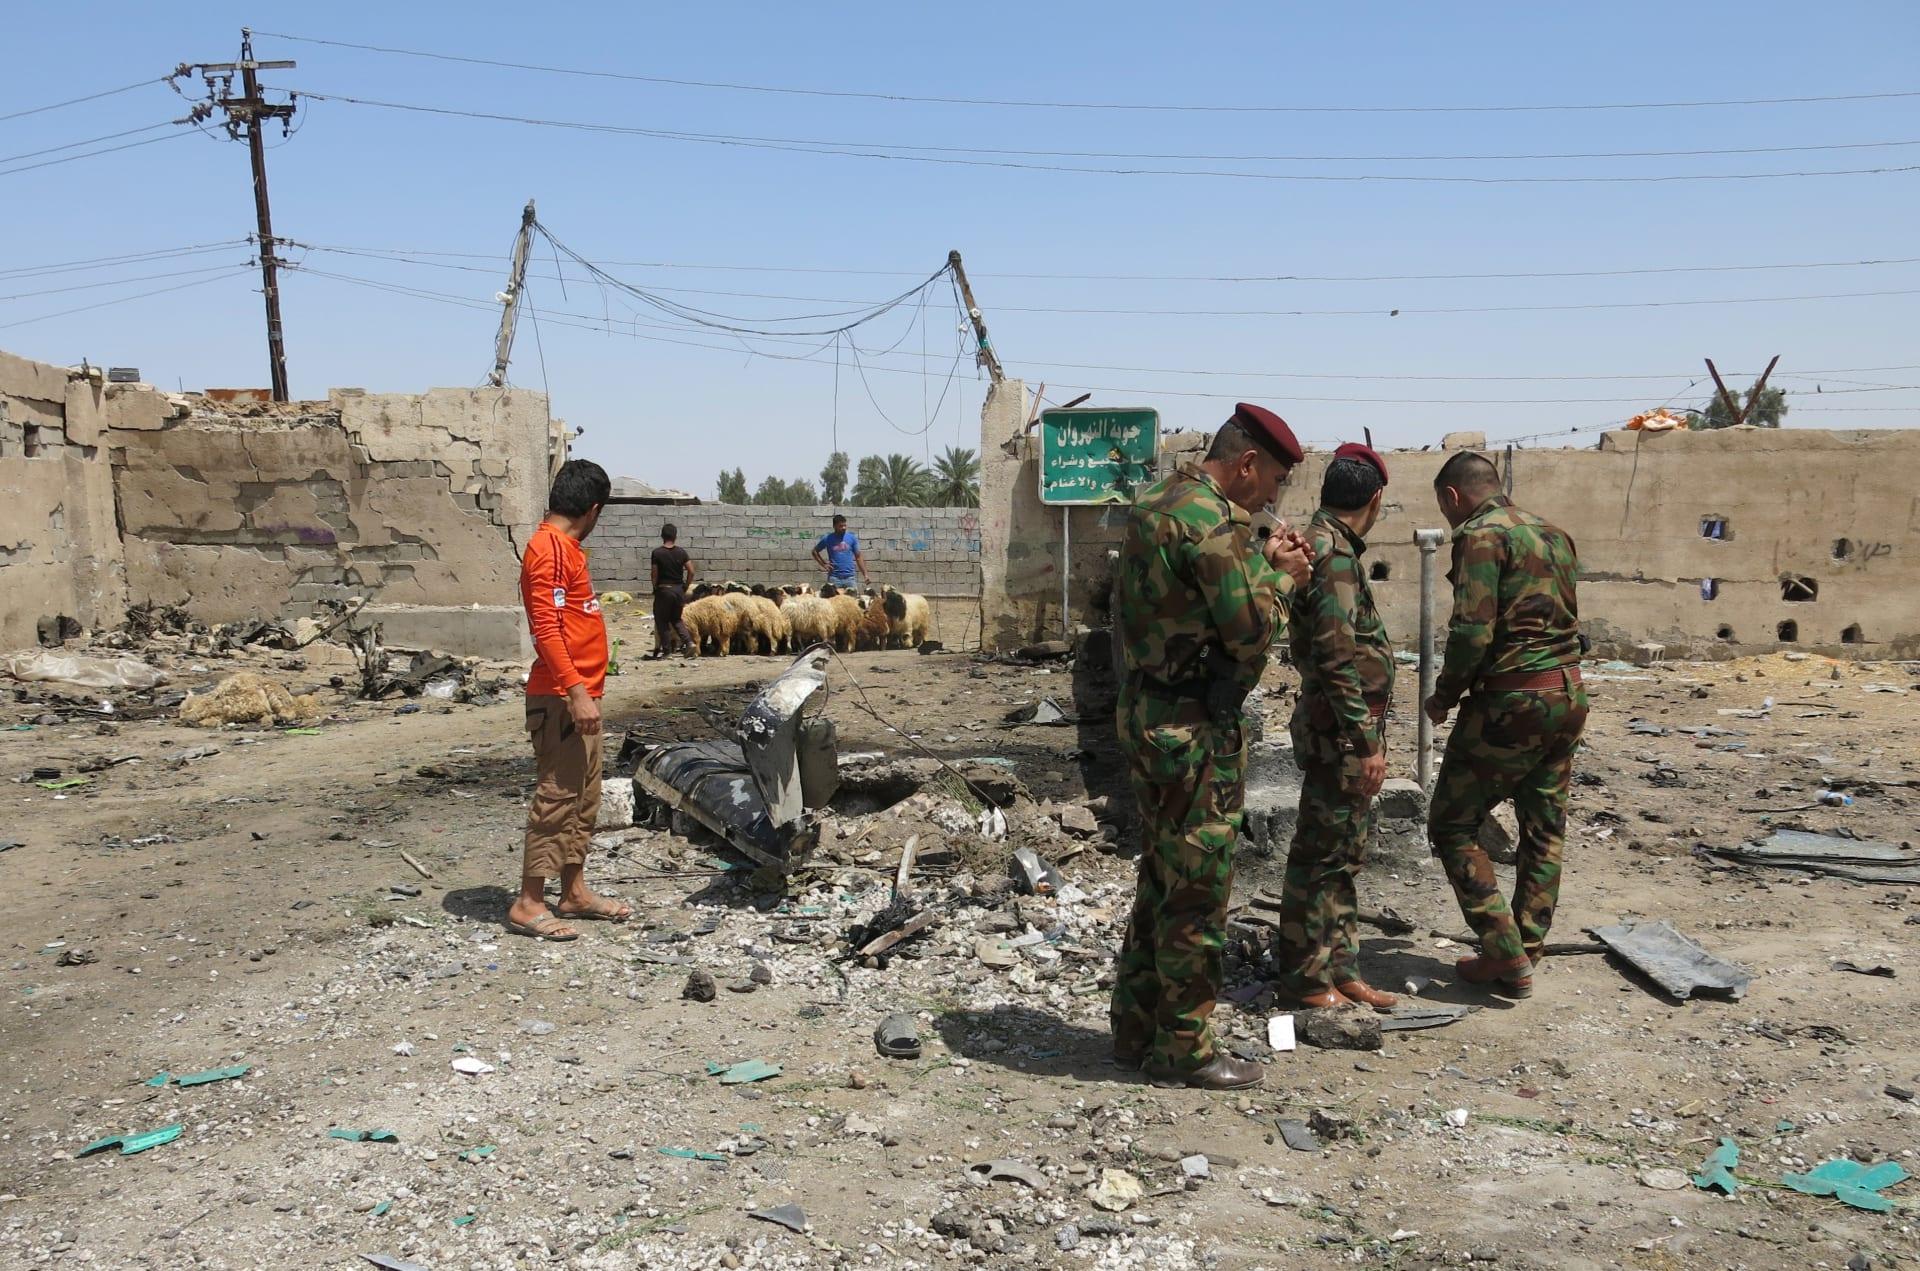 """العراق: قتلى وجرحى إثر تفجير سيارة مفخخة قرب طريق يسلكه الزوار الشيعة.. و""""داعش"""" يتبنى المسؤولية"""